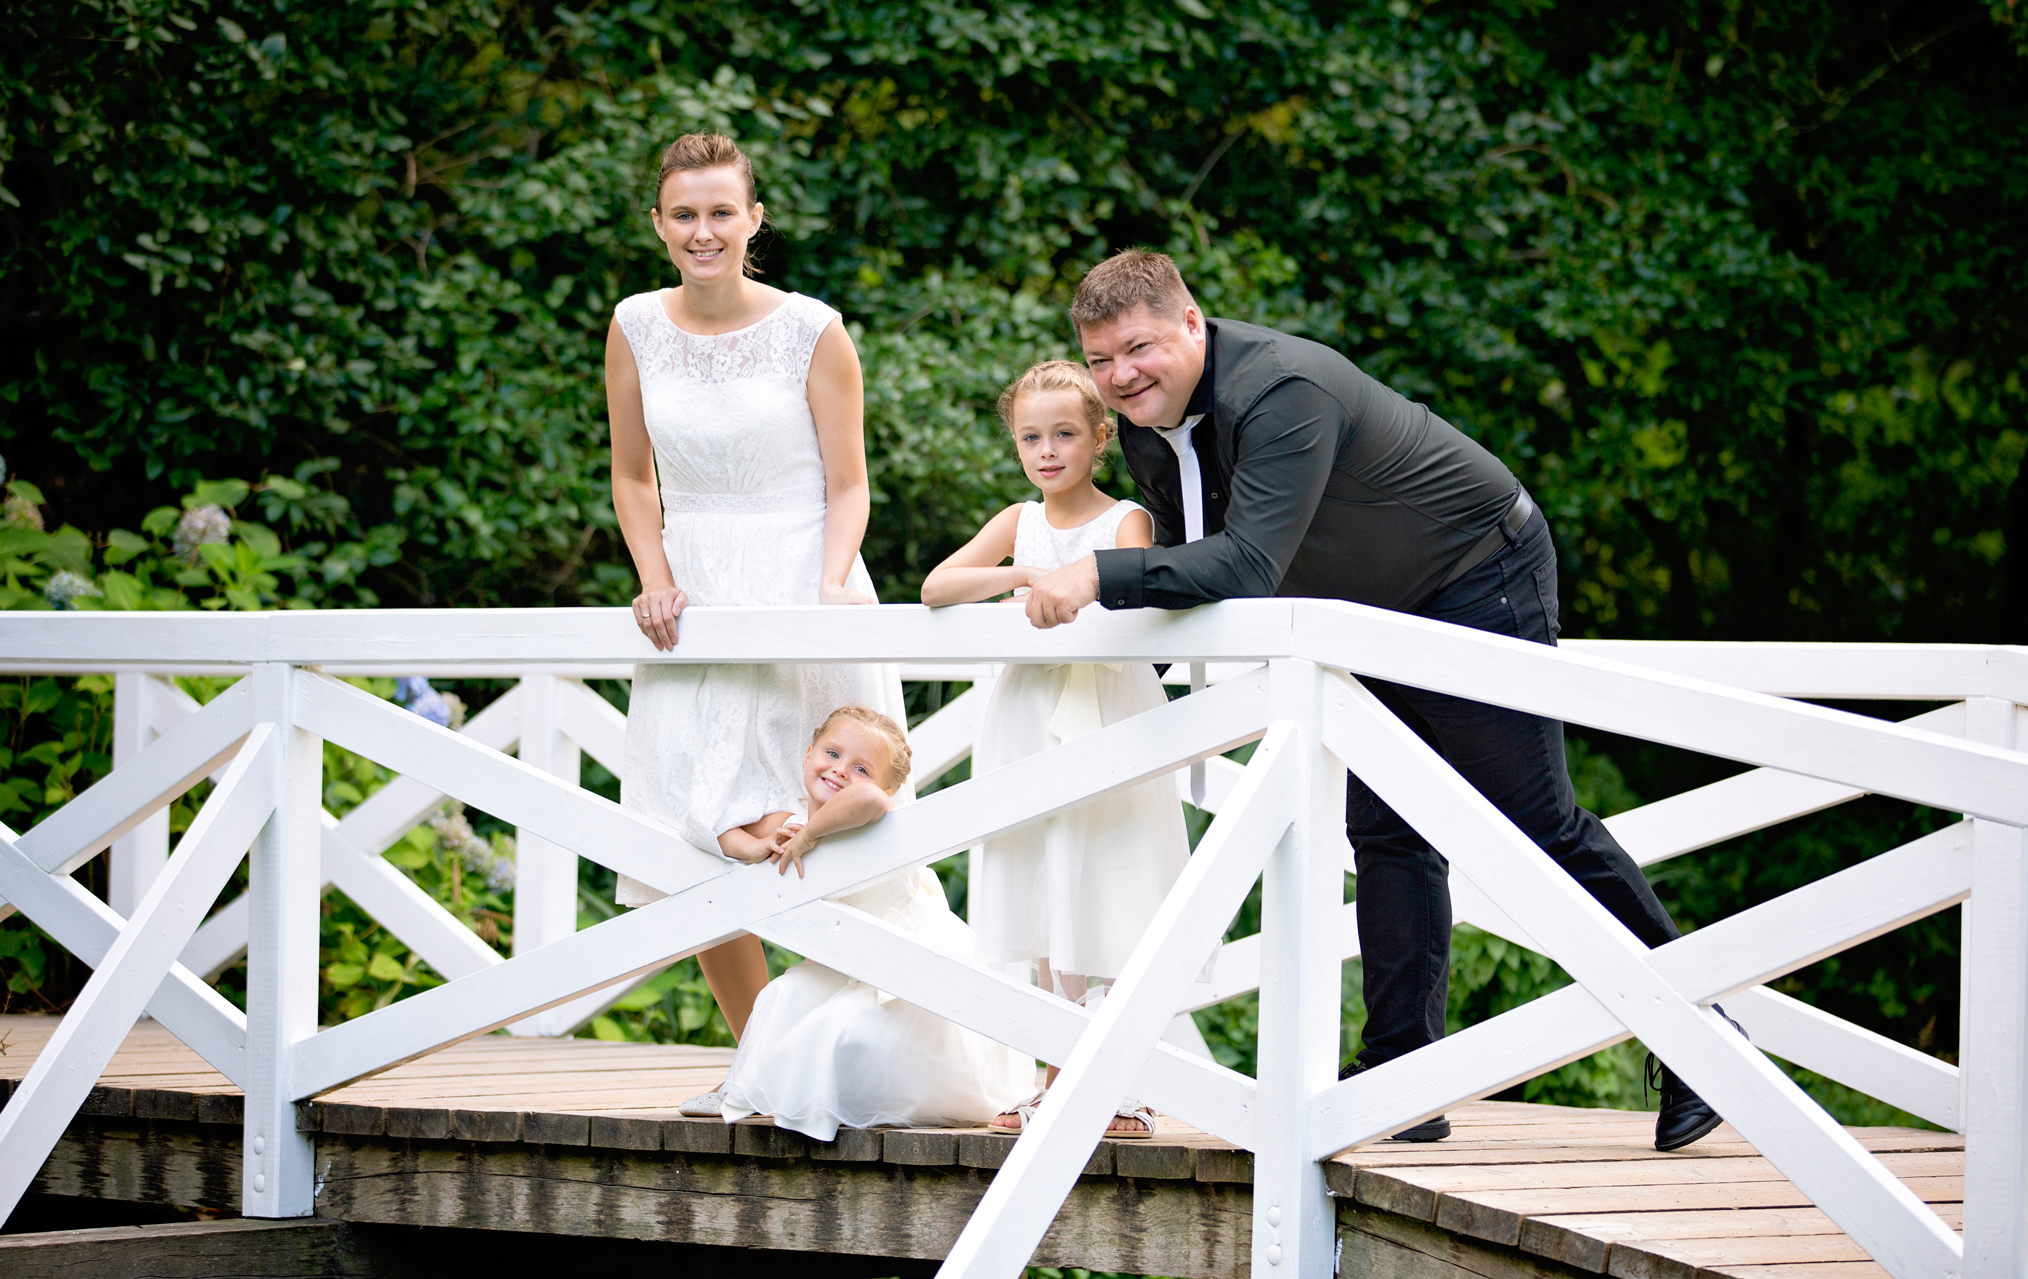 0204ec7e Brylluplokationer viborg - Fotograf | Bryllup | Portræt | Erhverv ...